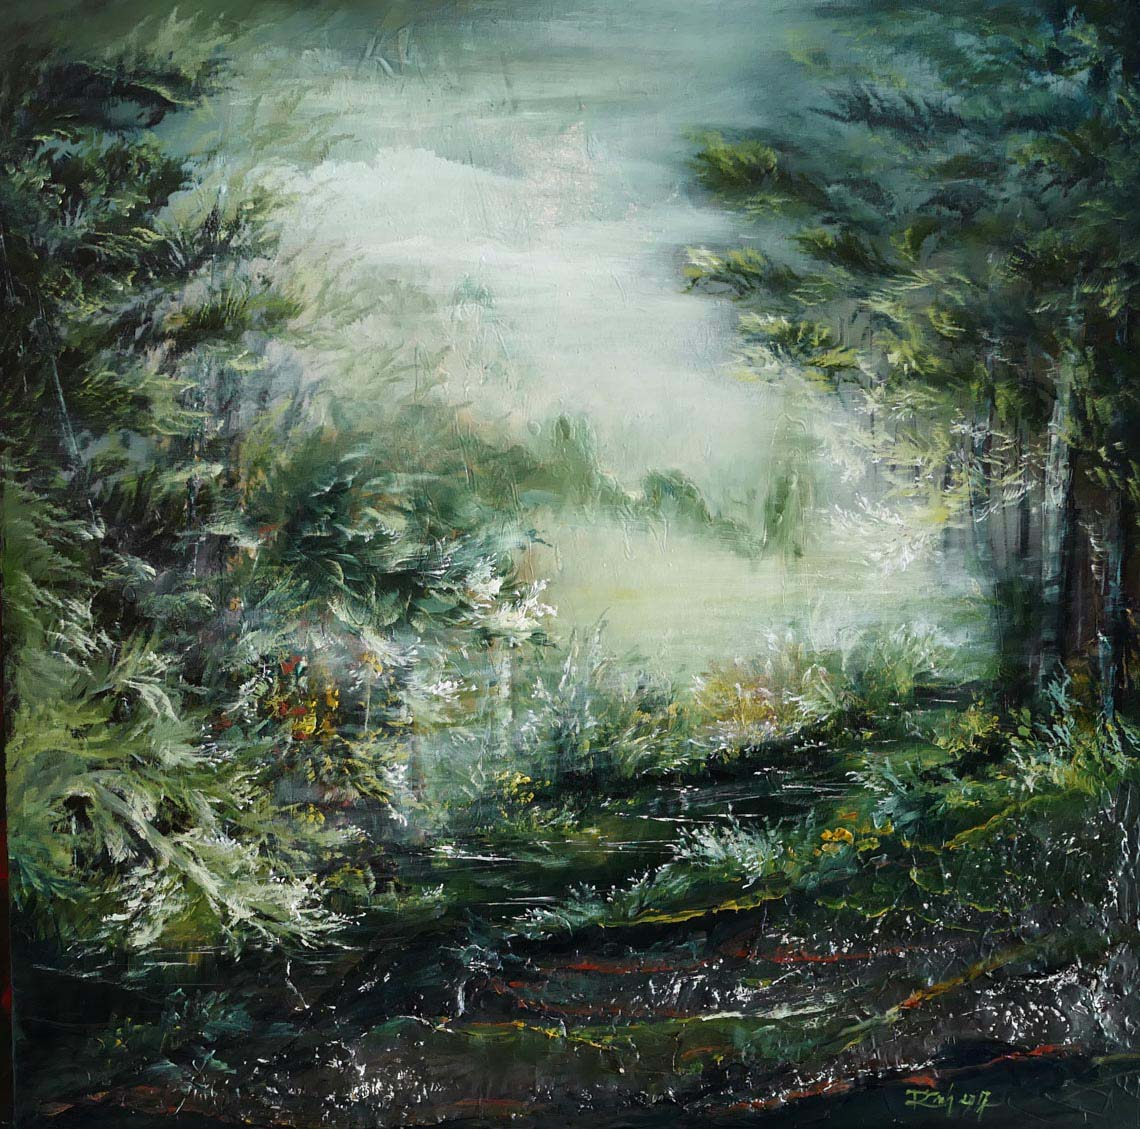 Họa sĩ Trần Thùy Linh: Theo đuổi hội họa rất cần vốn sống và sự chiêm nghiệm -7